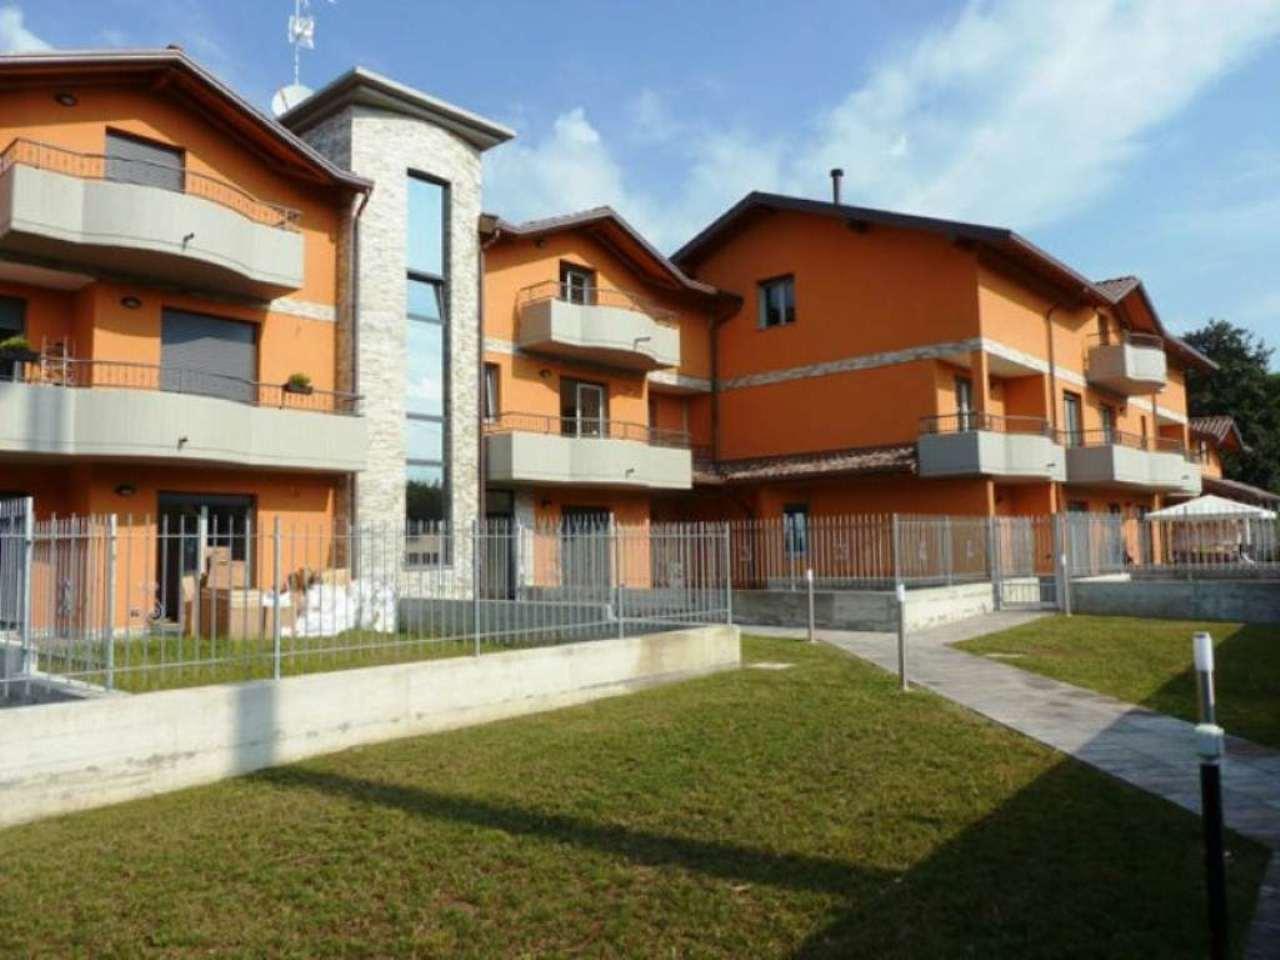 Appartamento in vendita a Marnate, 3 locali, prezzo € 165.000 | Cambio Casa.it